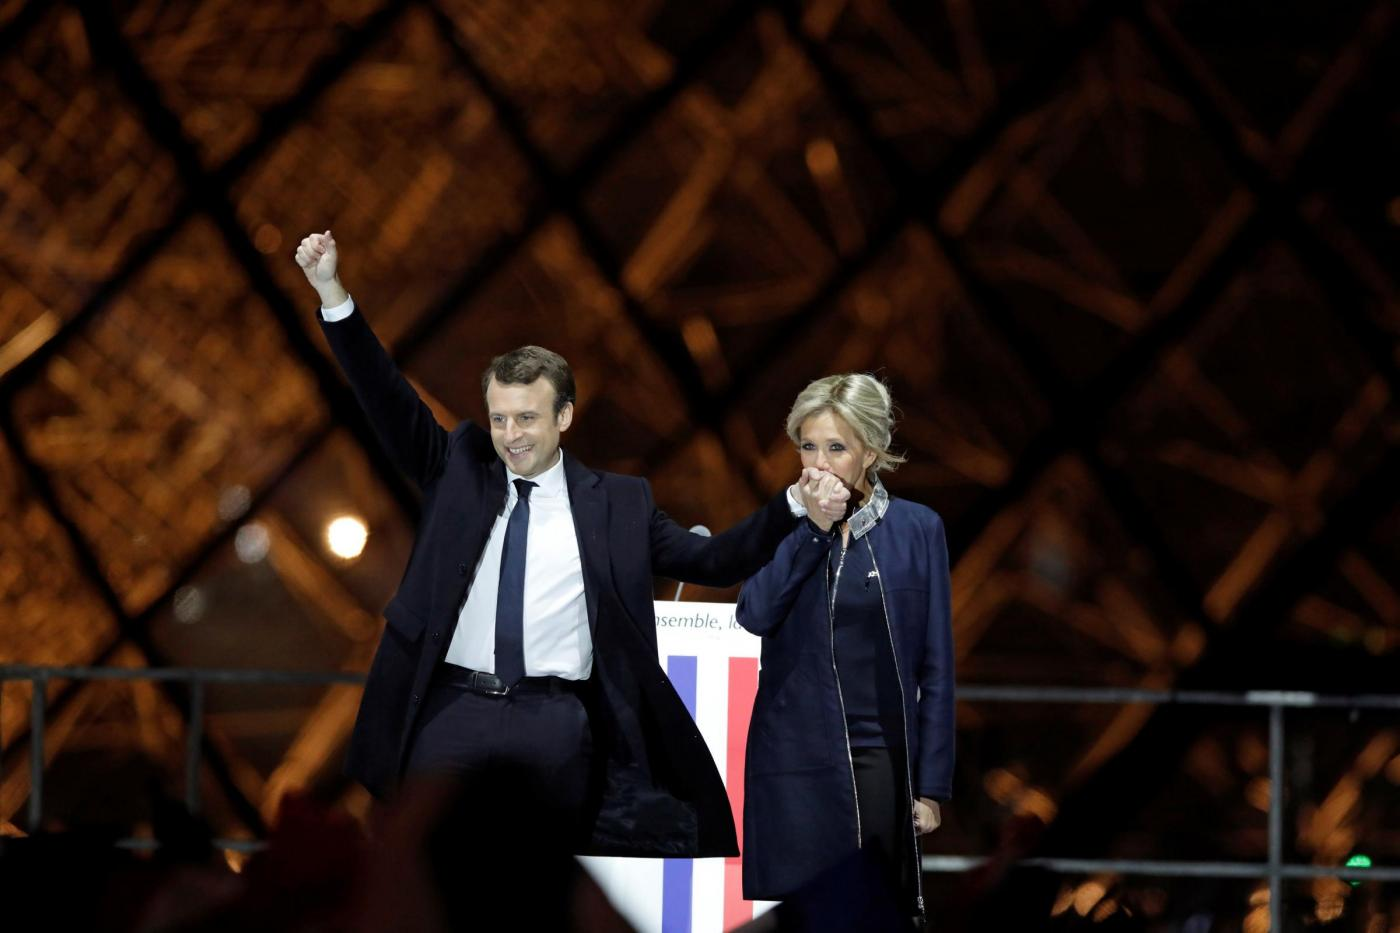 Brigitte Trogneux, le polemiche e i pregiudizi sulla relazione con Emmanuel Macron